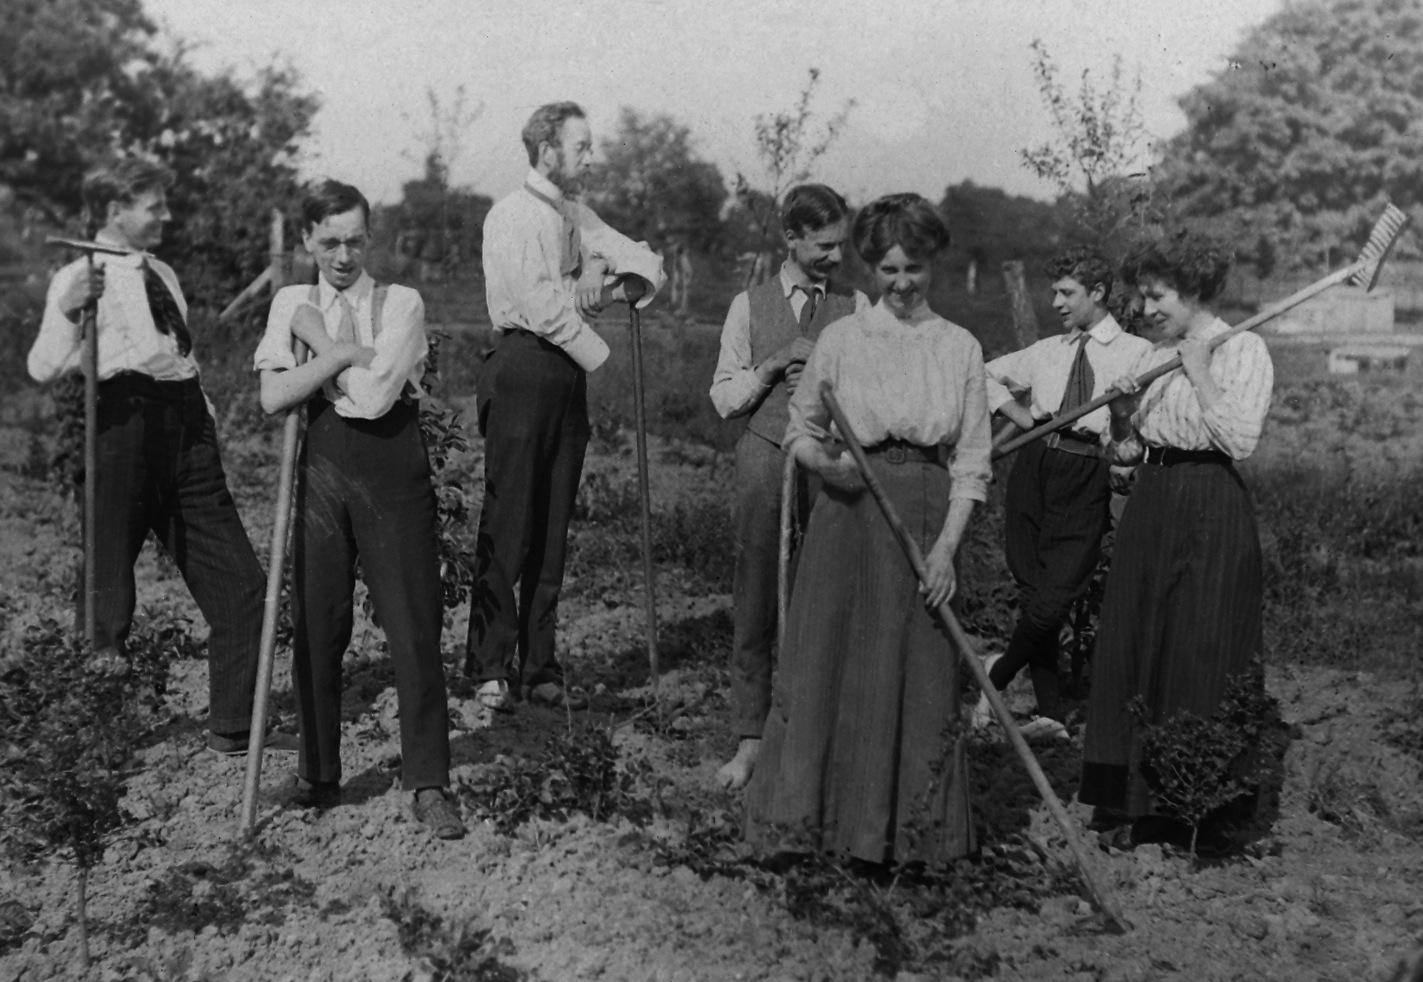 men and women posing in garden with gardening tools